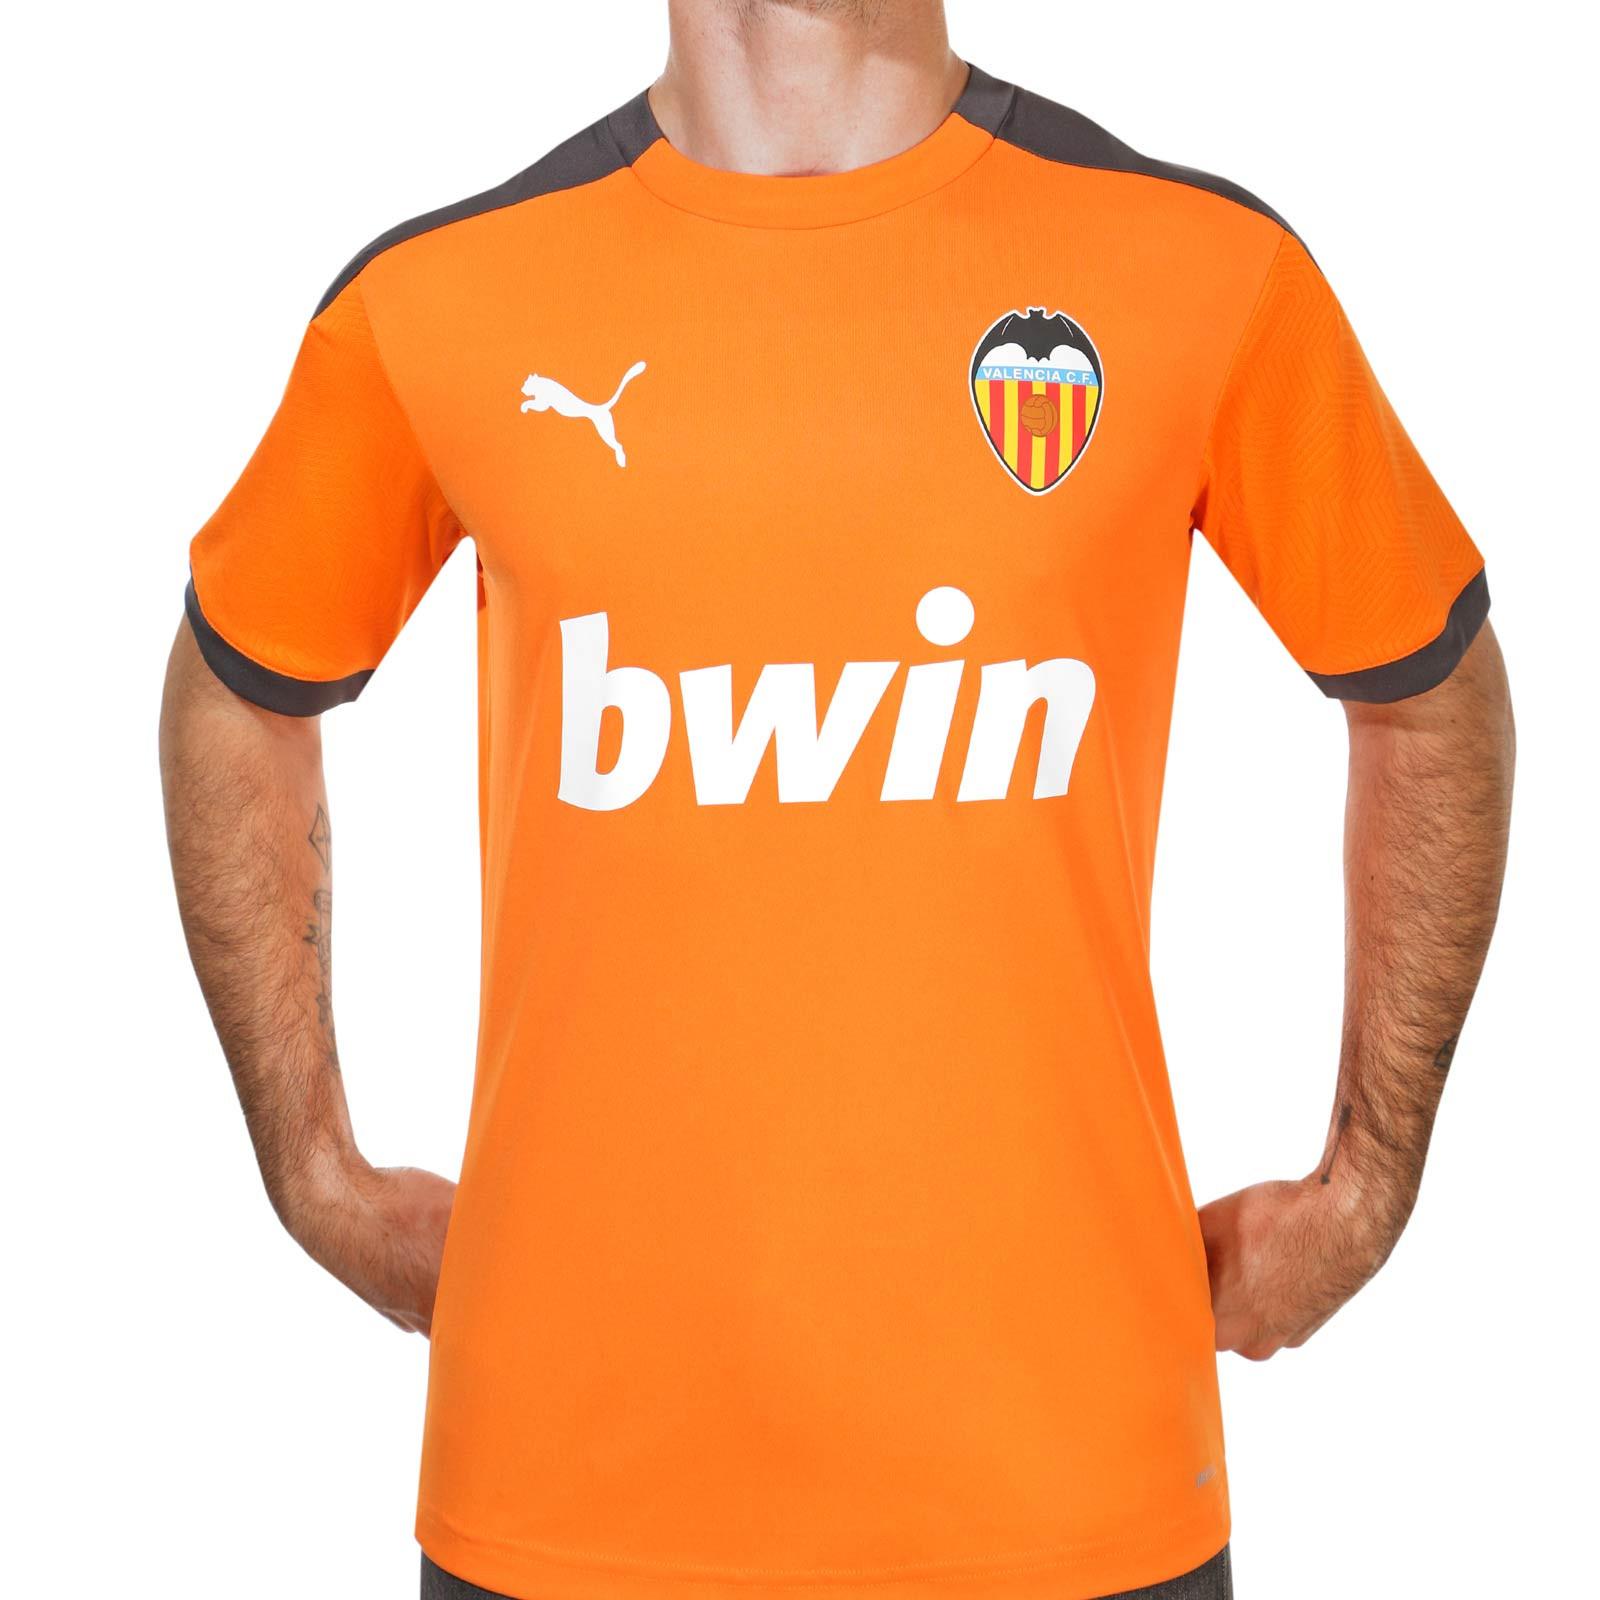 Inmigración Rebobinar Ir a caminar  Camiseta Puma Valencia entreno 2020 2021 | futbolmania